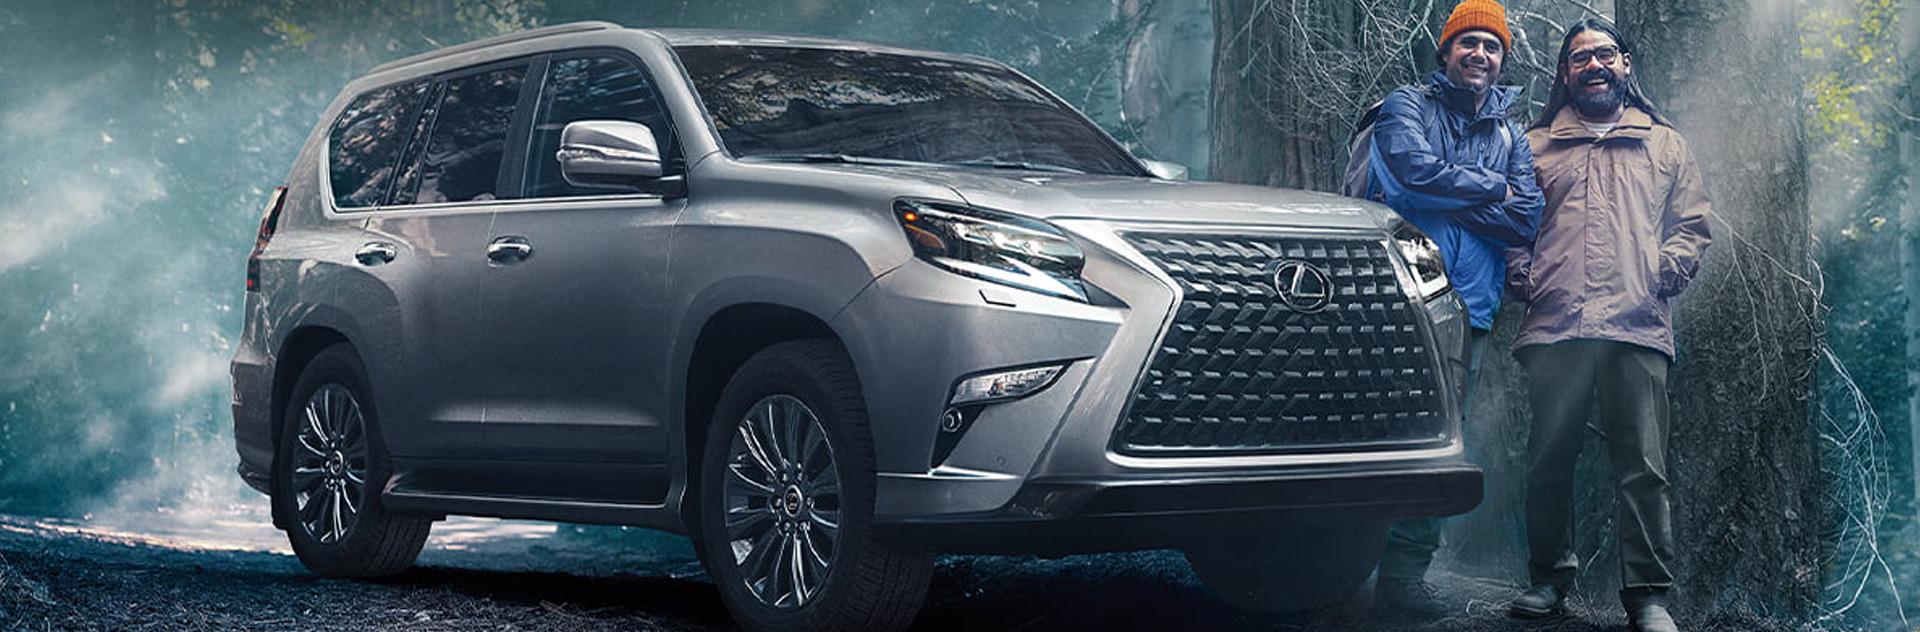 Nâng cấp Toyota Prado 2010-2020 thành lexus gx460 2020